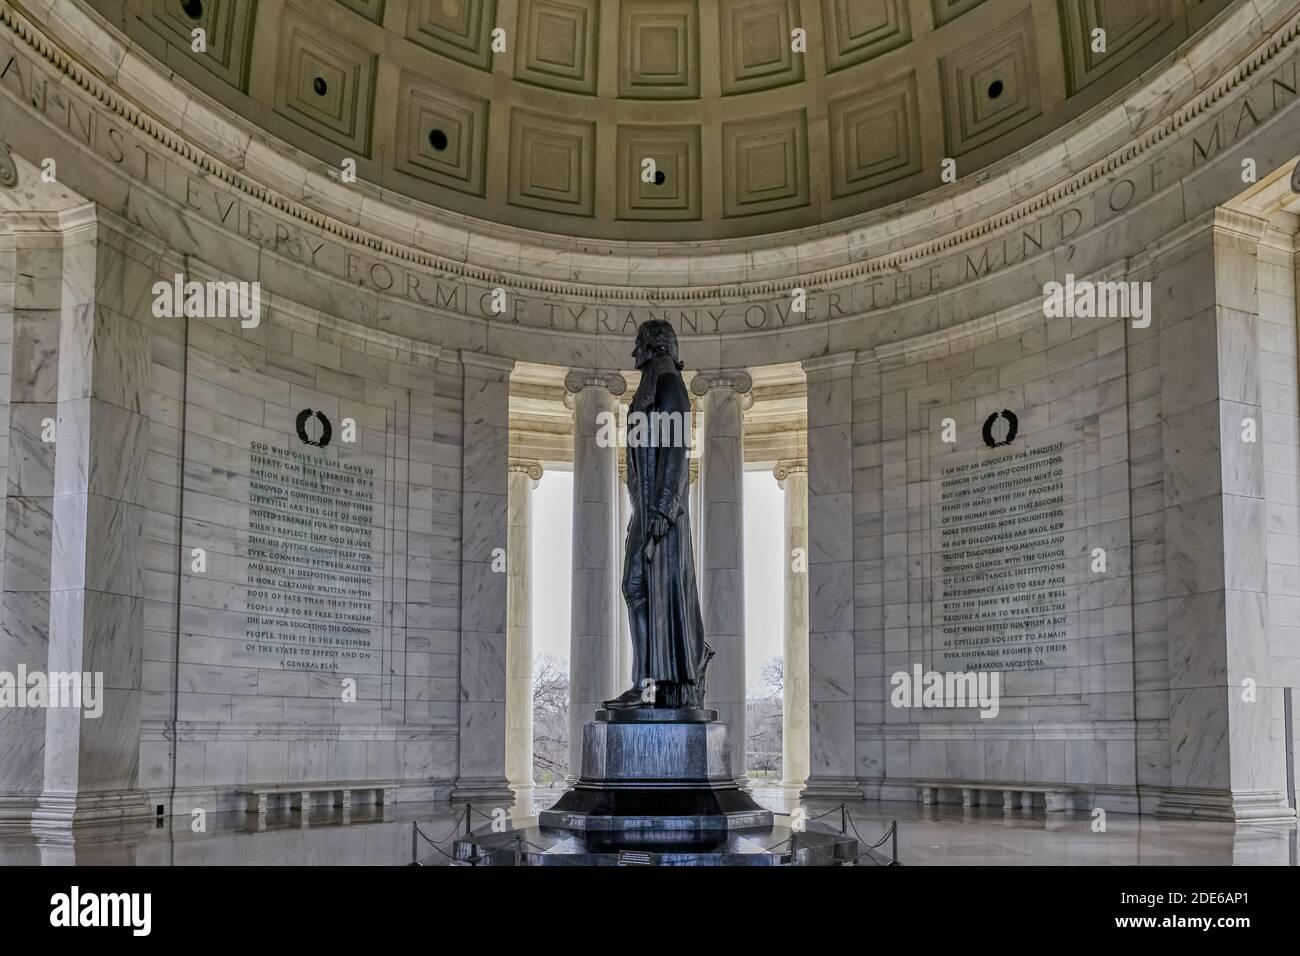 Thomas Jefferson Memorial avec des citations gravées sur les murs de marbre environnants, Washington, États-Unis Banque D'Images